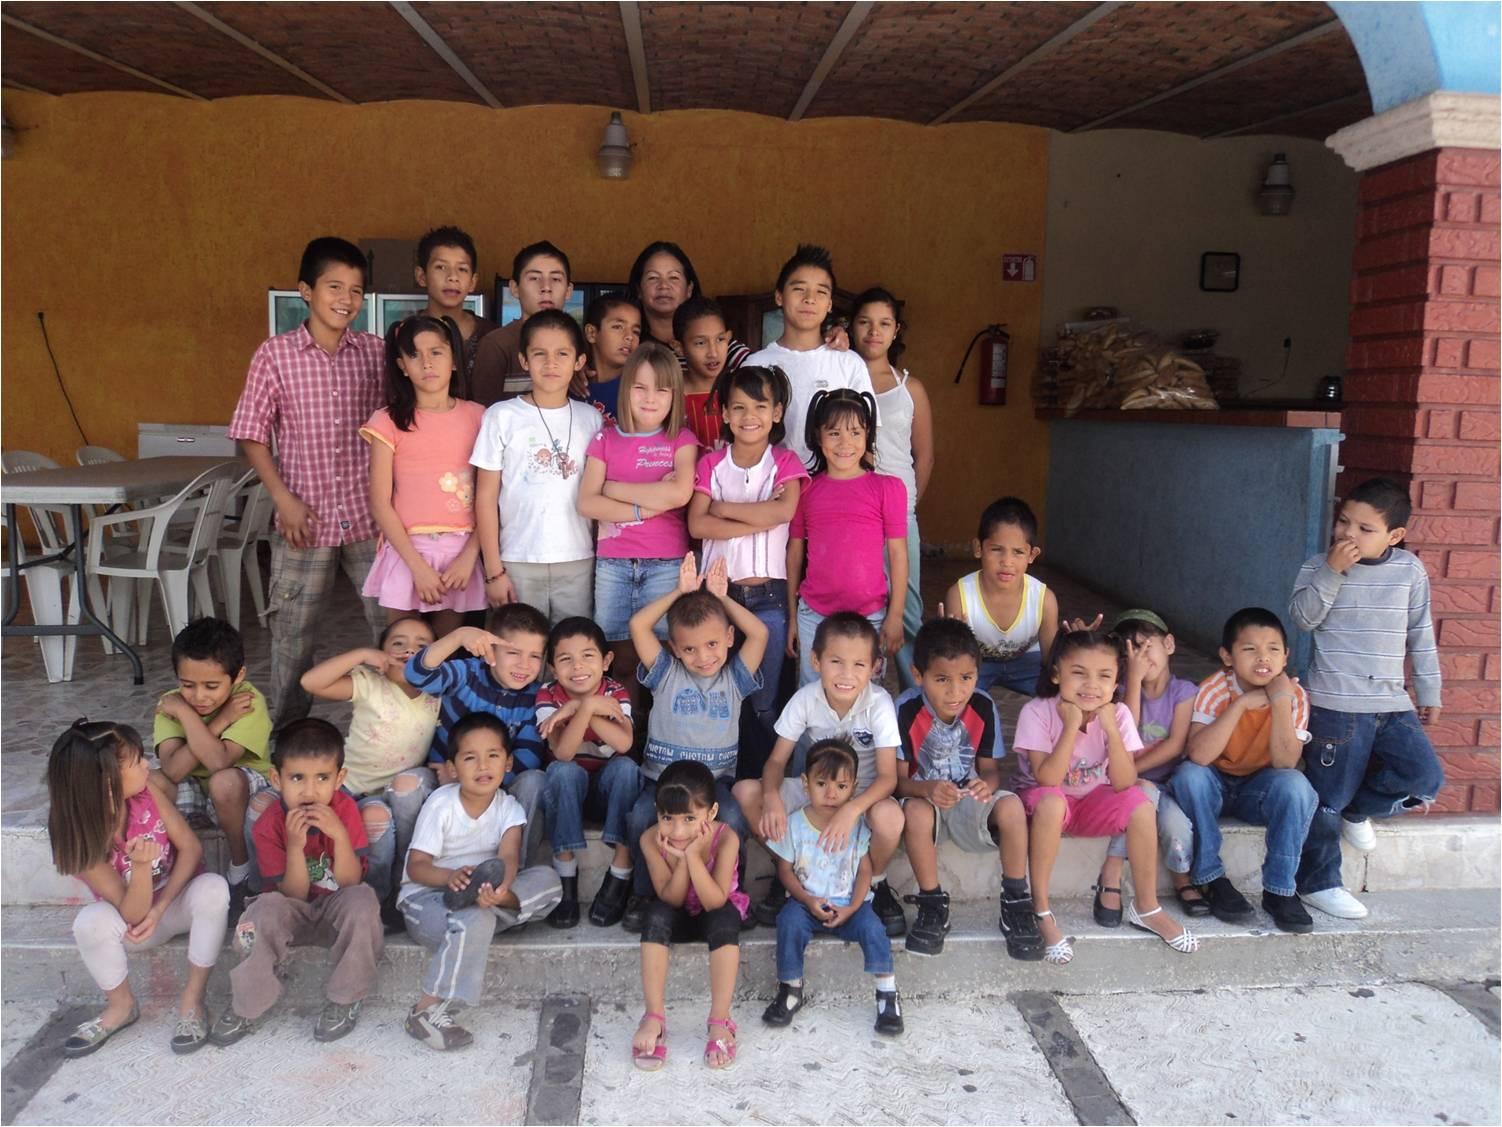 Acción Ciudadana Tec en GDL: Hogar un cielo para un ángel